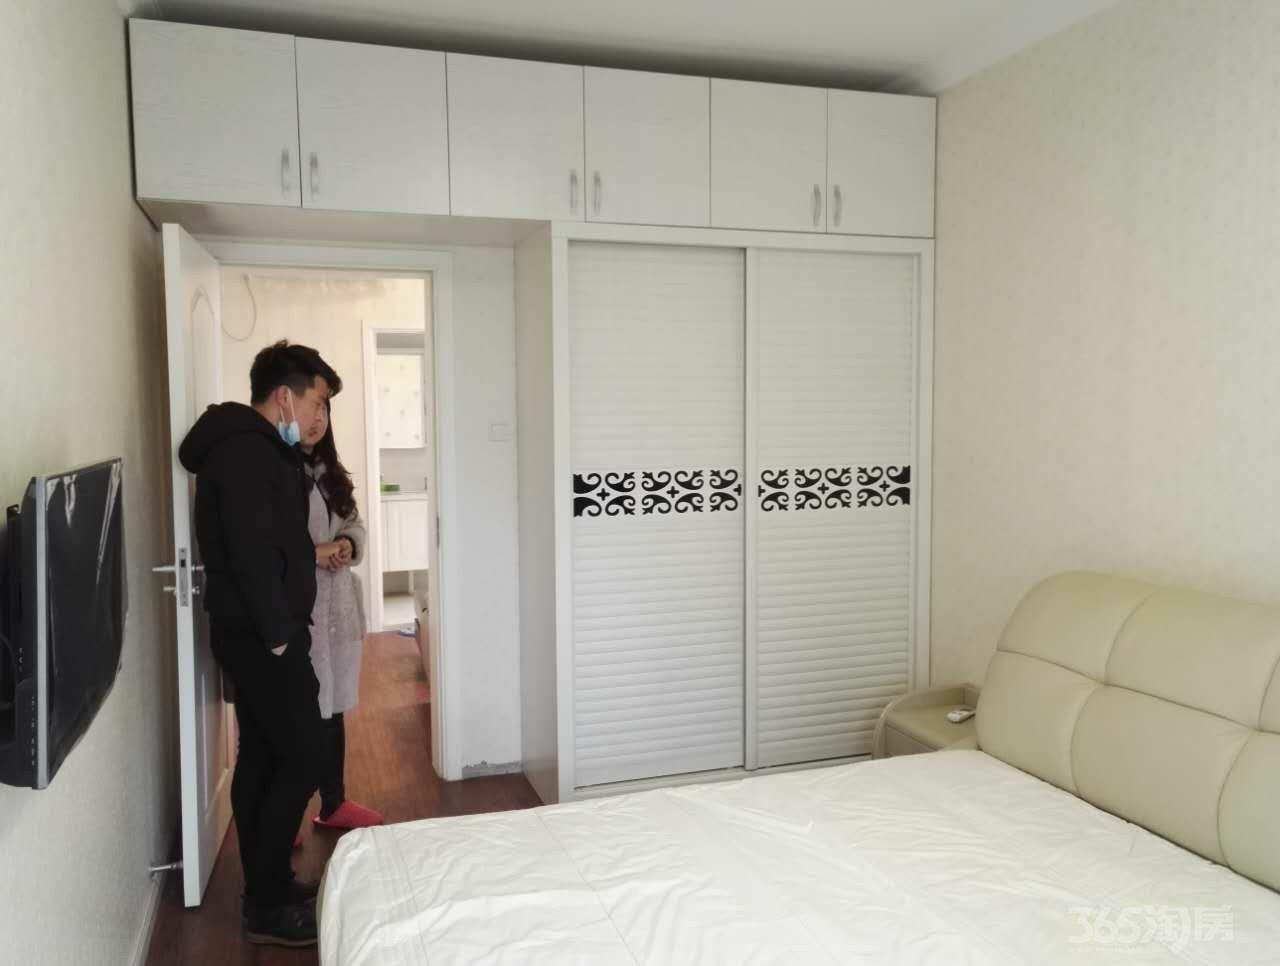 金大地19122室2厅1卫80平米整租豪华装